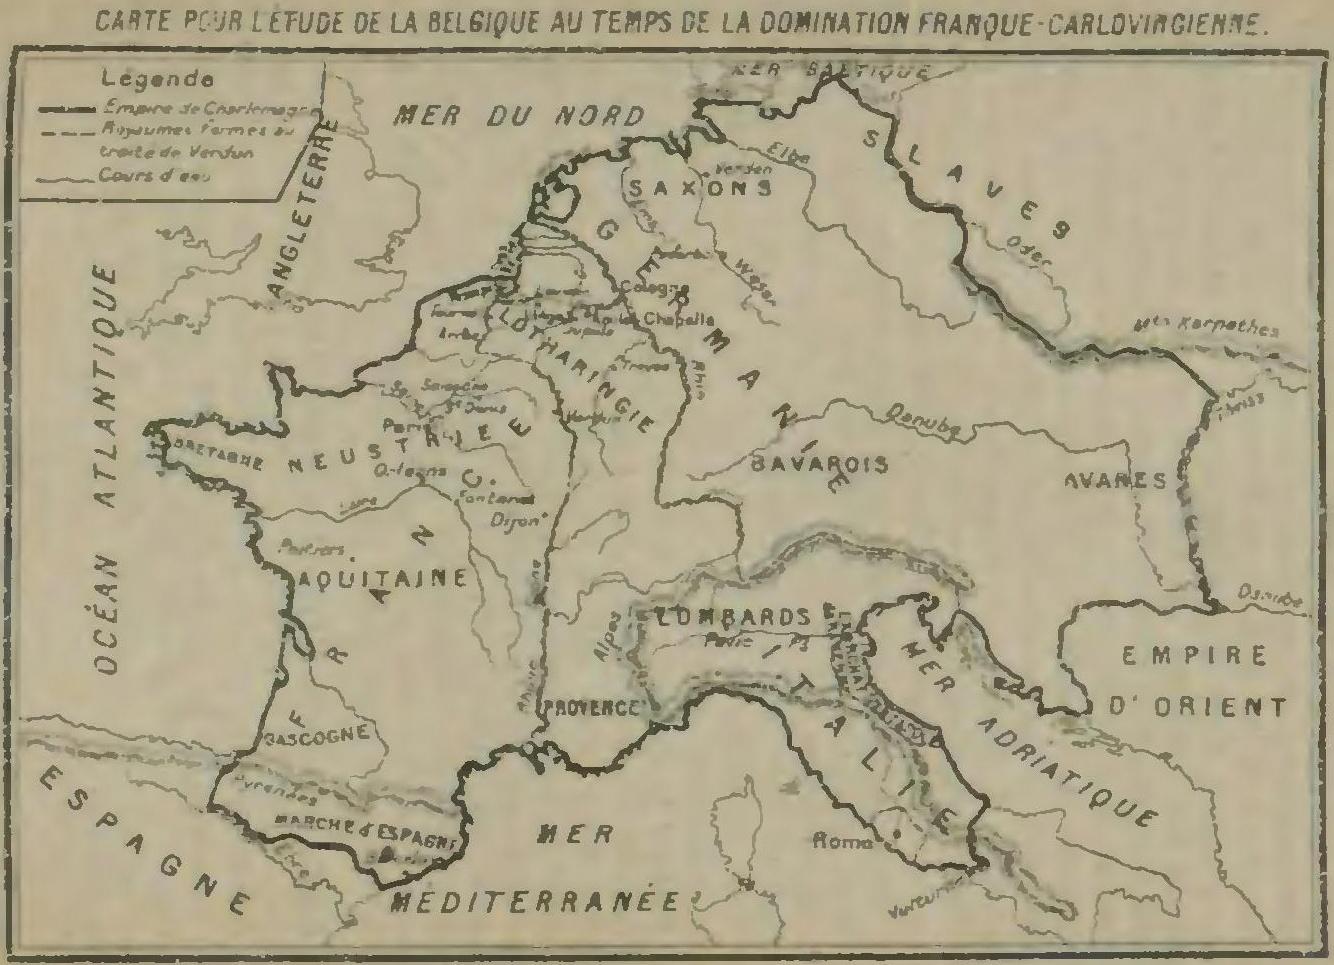 Carte Belgique Histoire.File Deprez Petit Cours D Histoire De Belgique 1916 P33